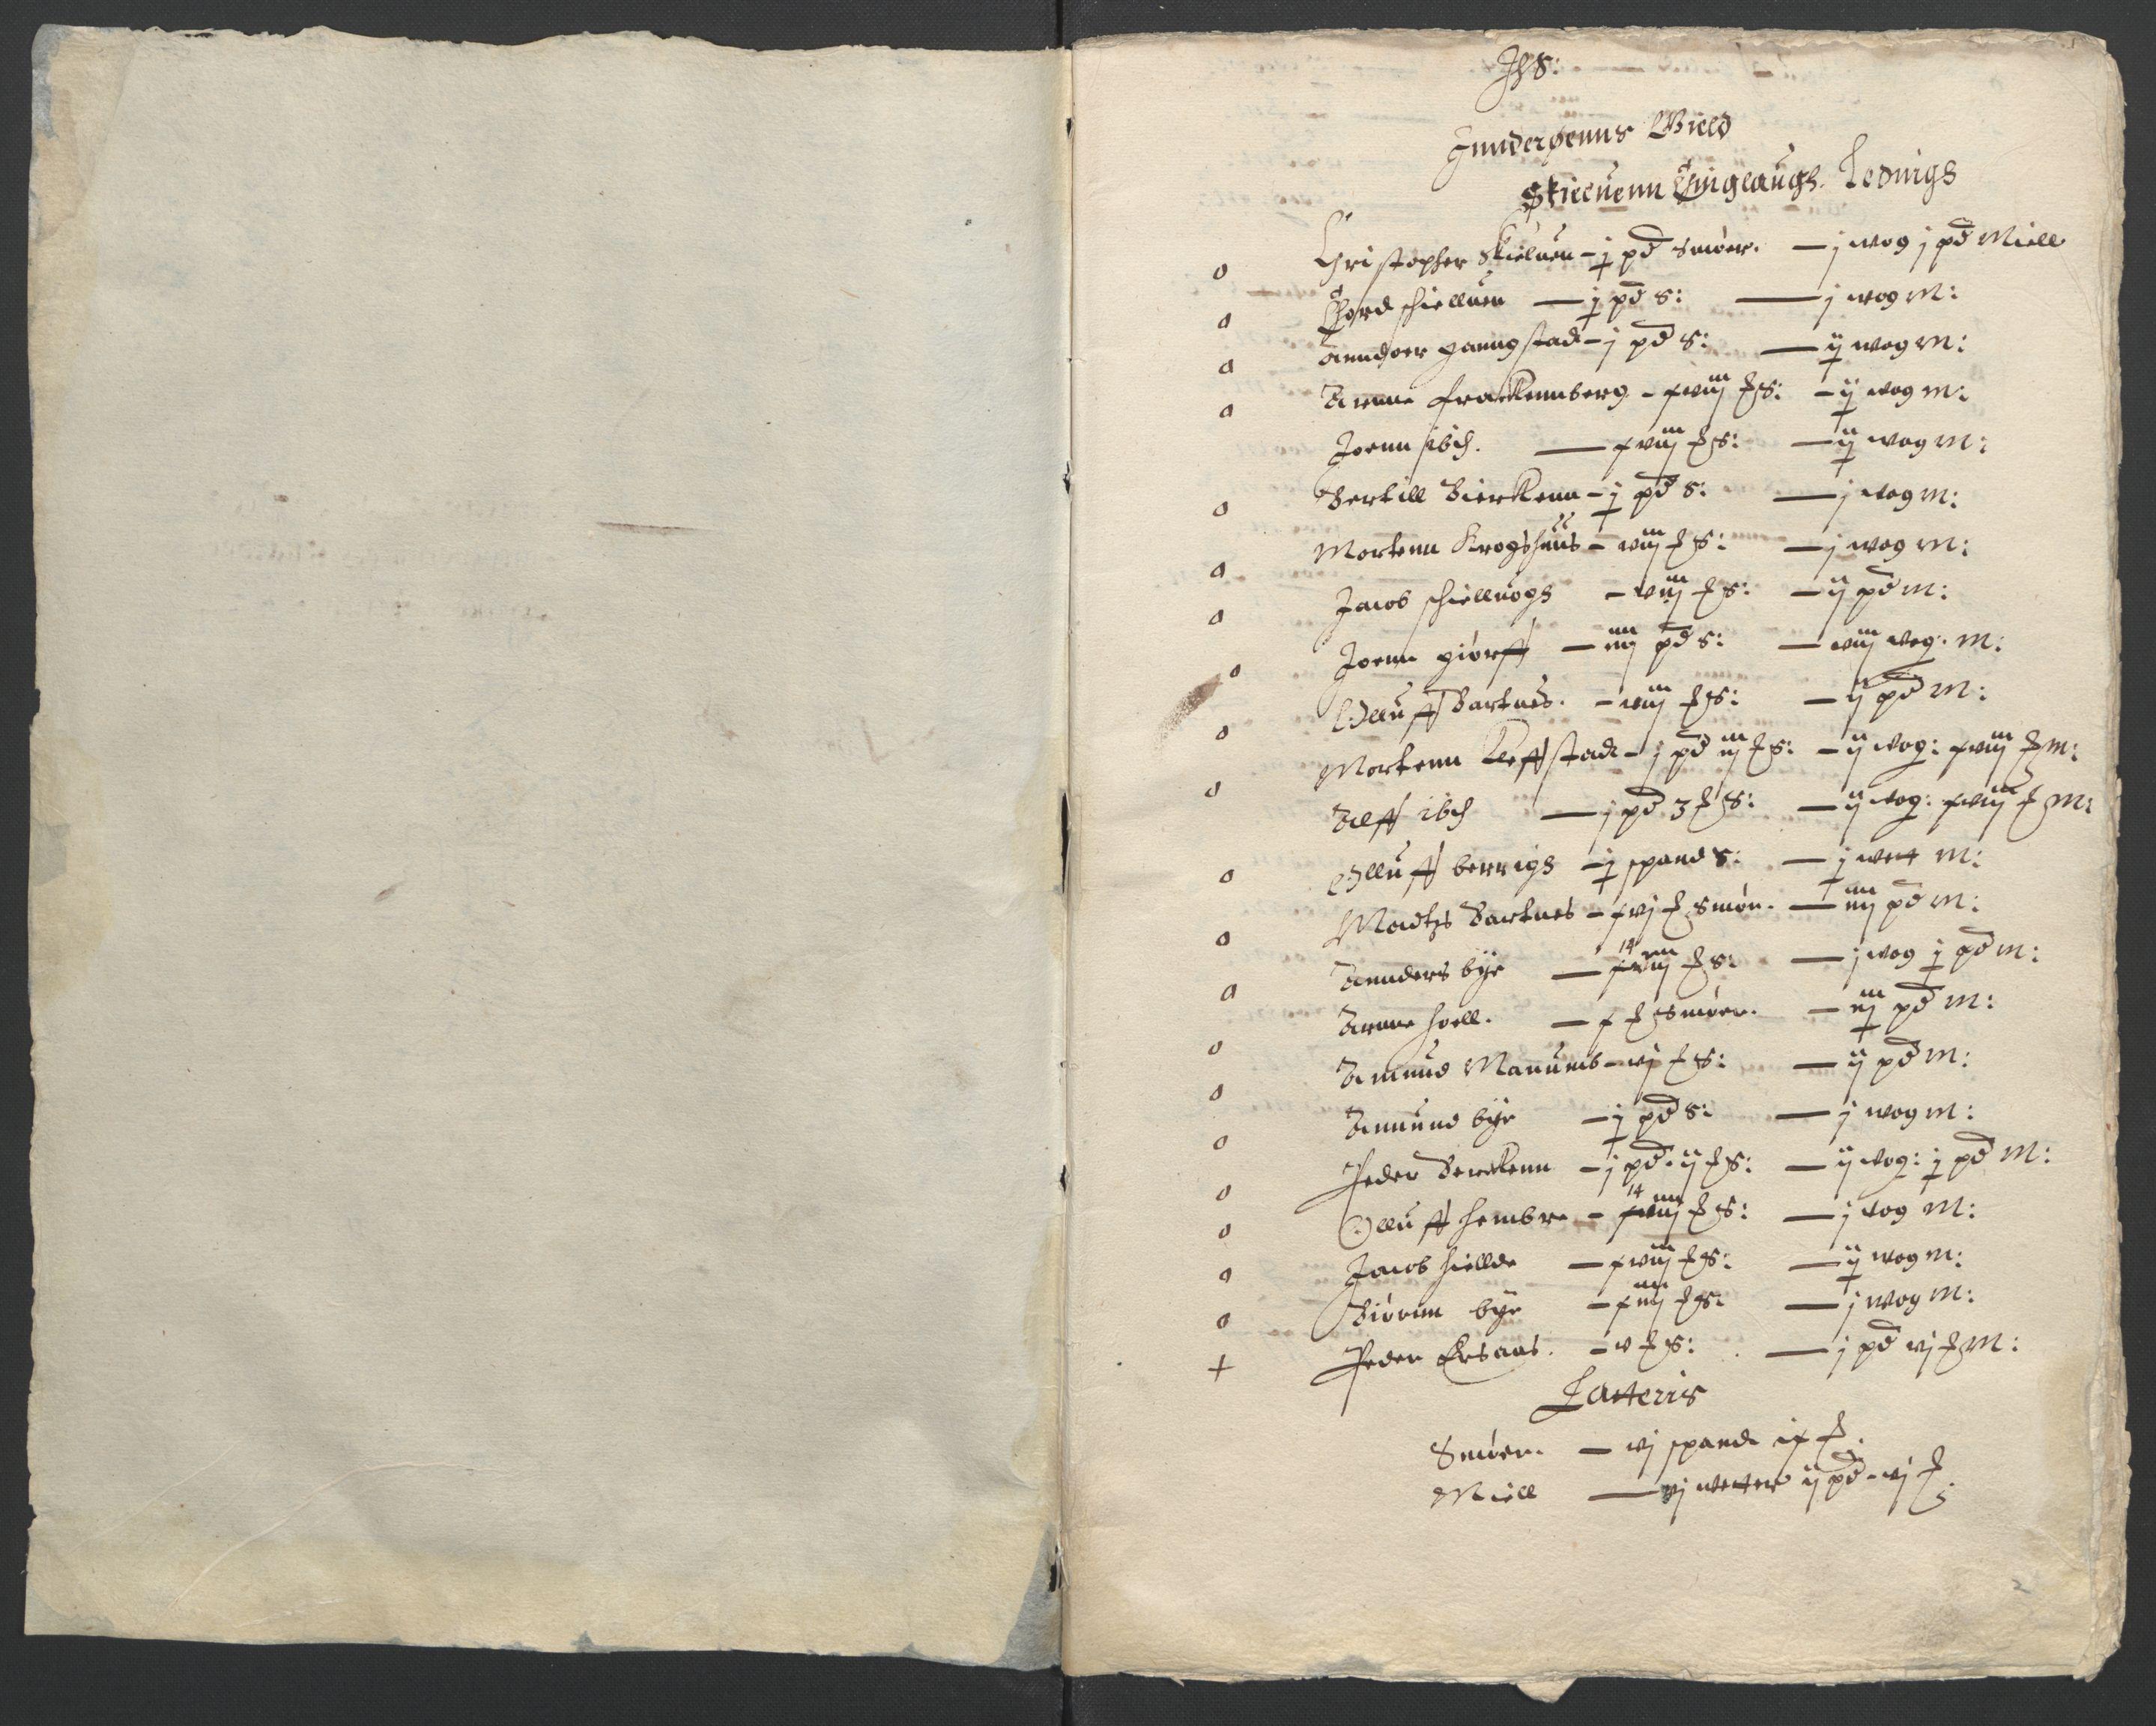 RA, Stattholderembetet 1572-1771, Ek/L0006: Jordebøker til utlikning av garnisonsskatt 1624-1626:, 1624, s. 40